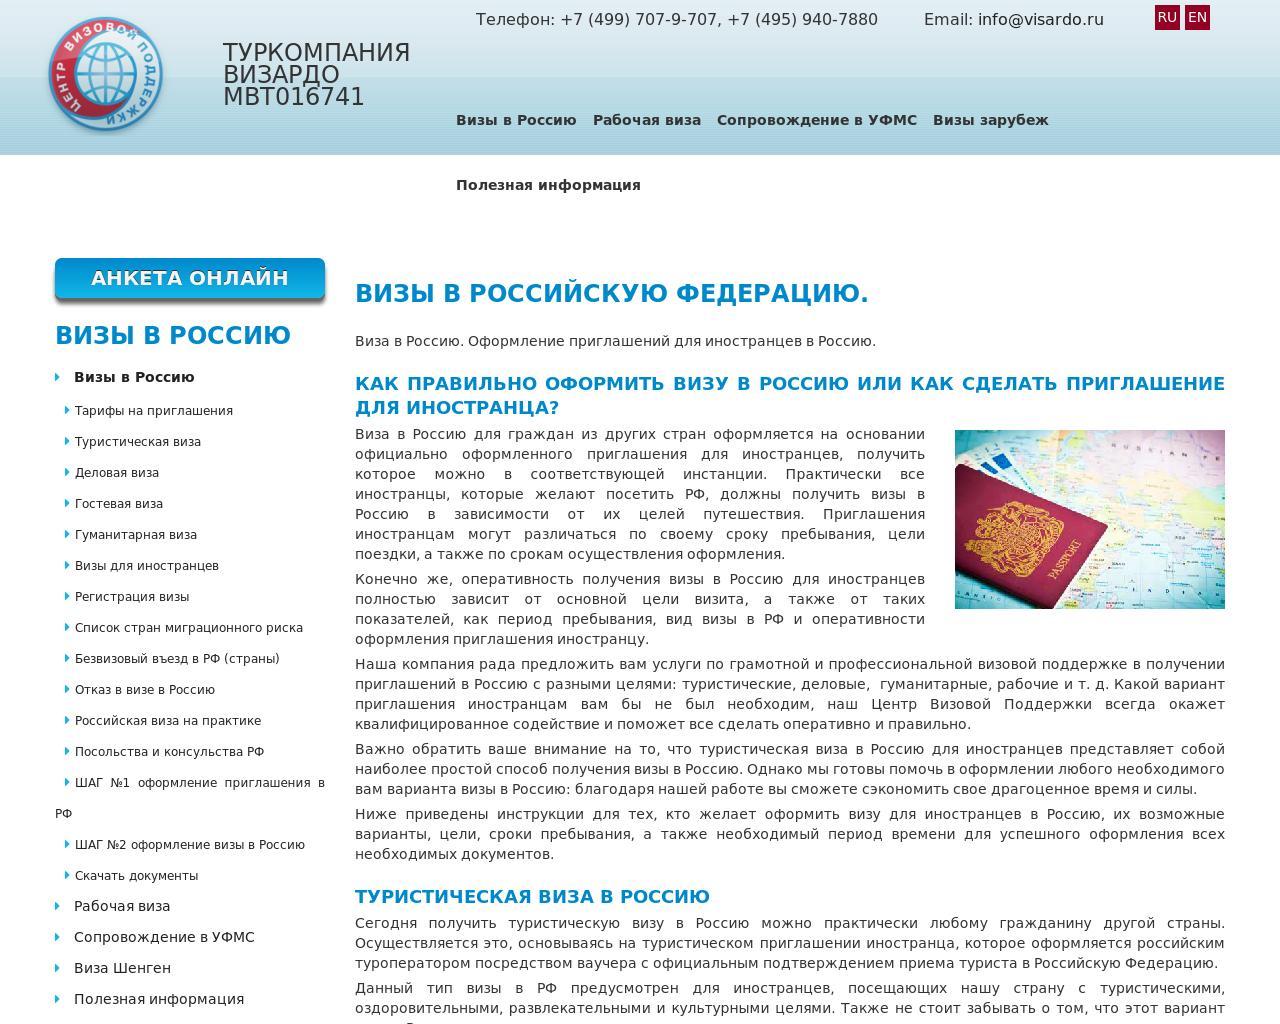 Как сделать приглашение для иностранца для визы в россию